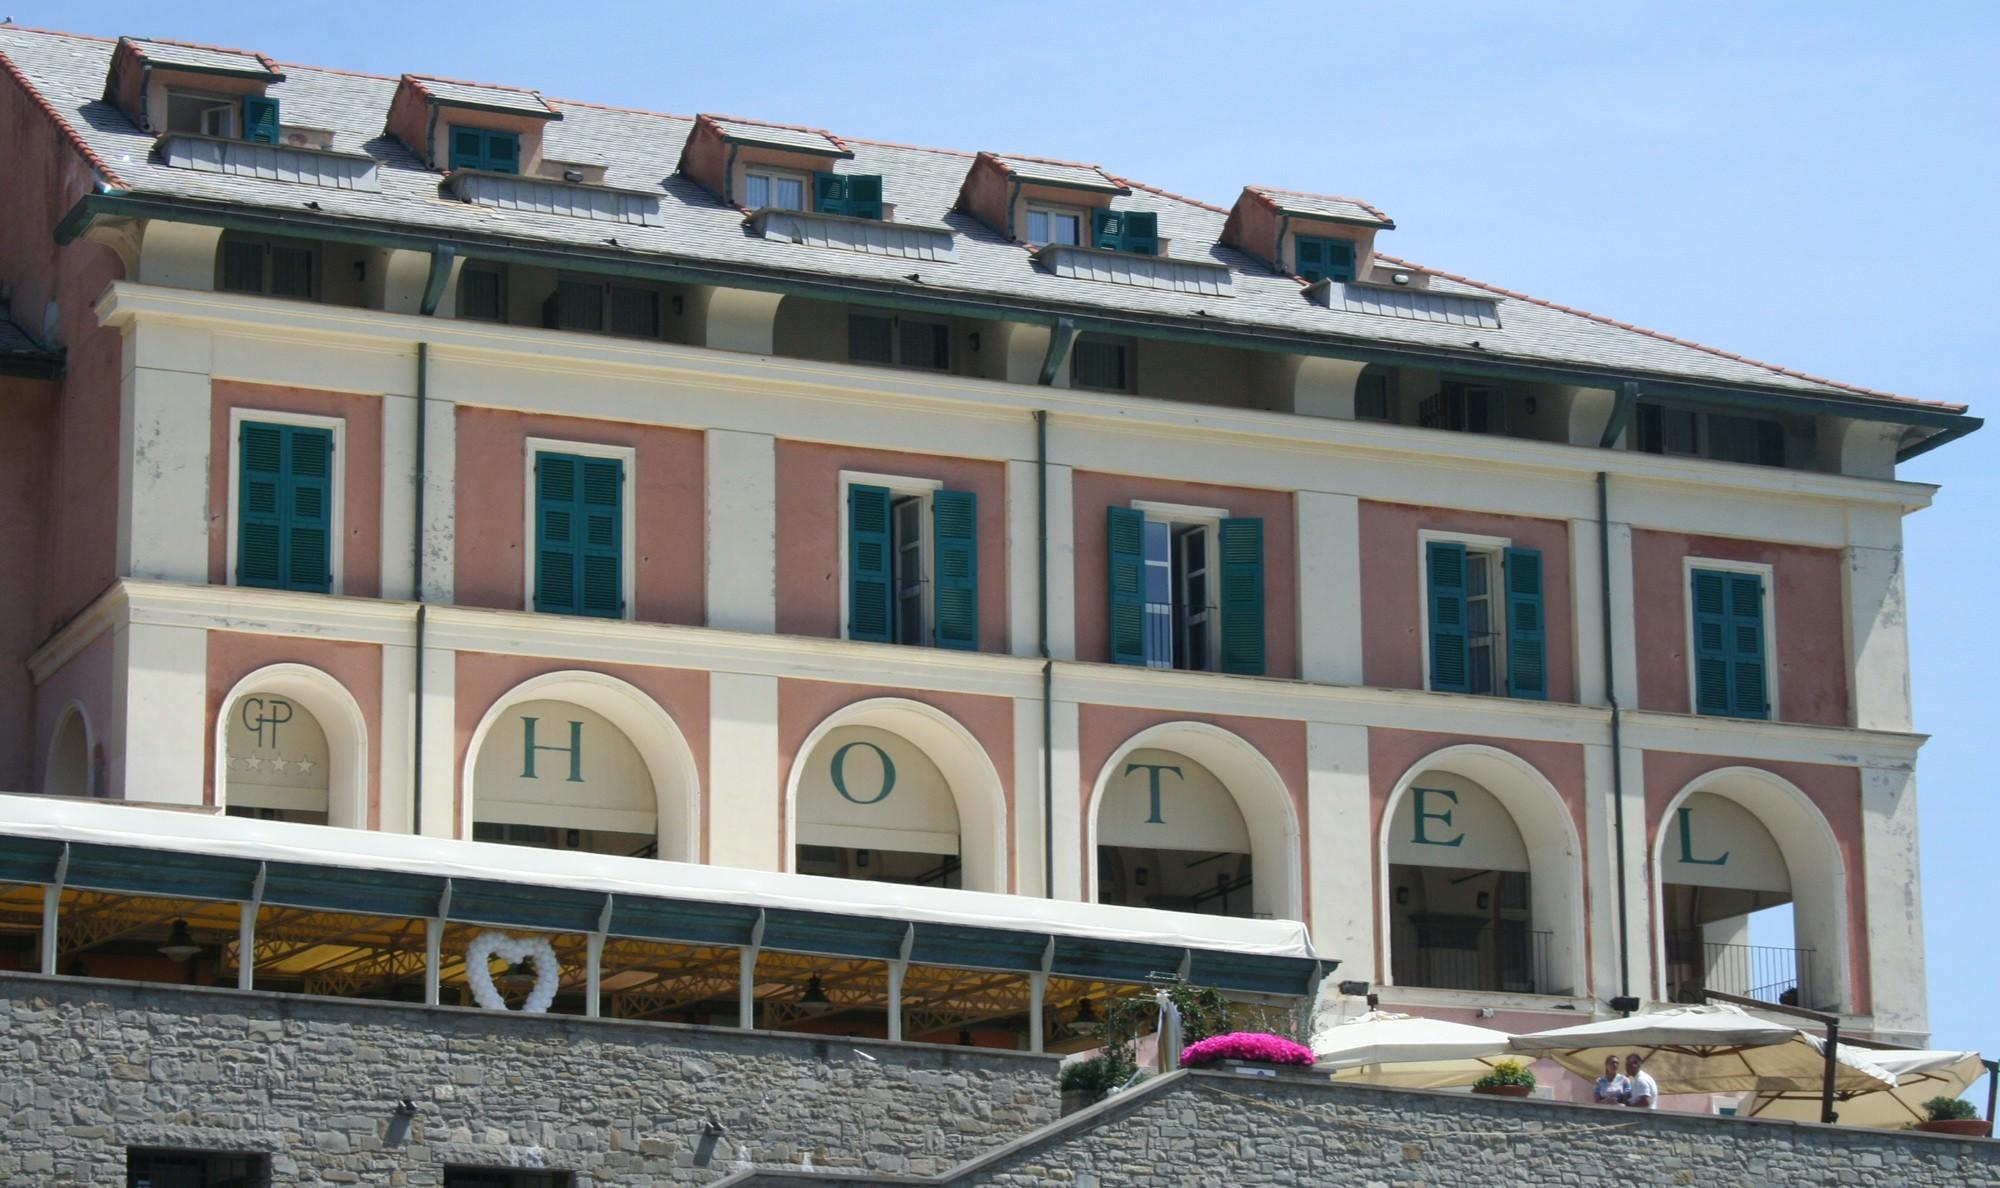 Hotel San Vito Verona